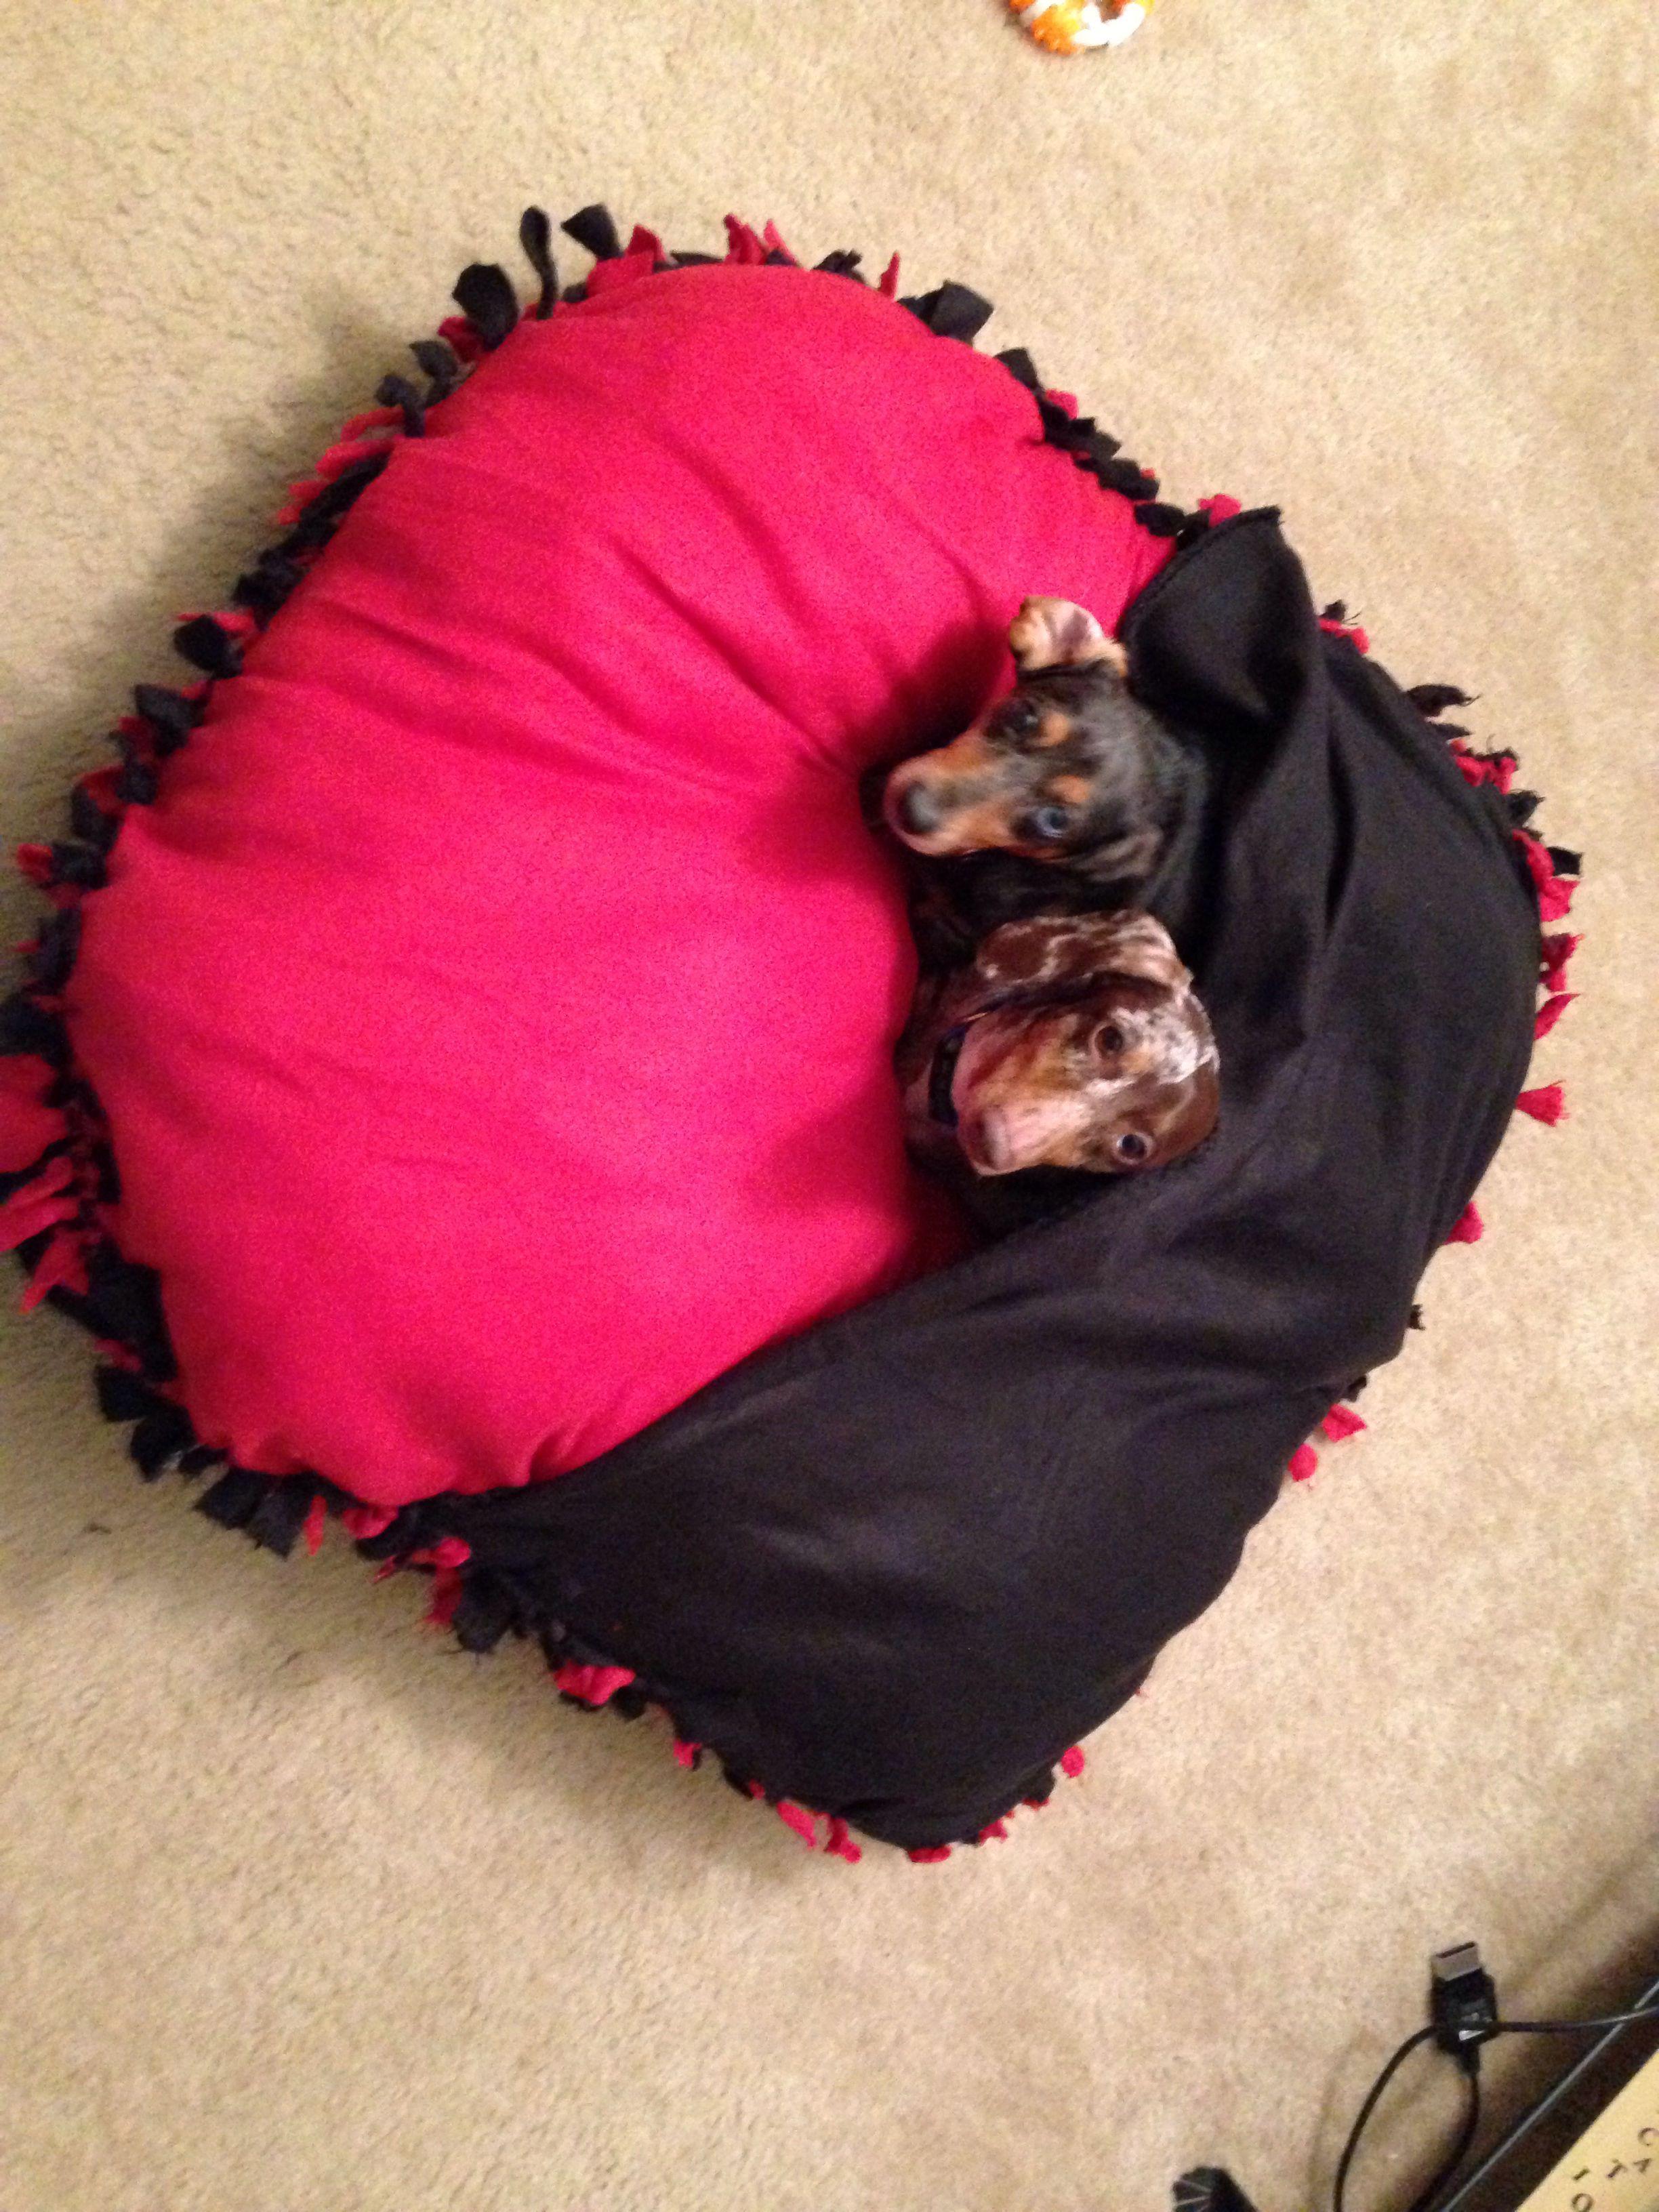 No sew dog bed Diy dog toys, Diy dog stuff